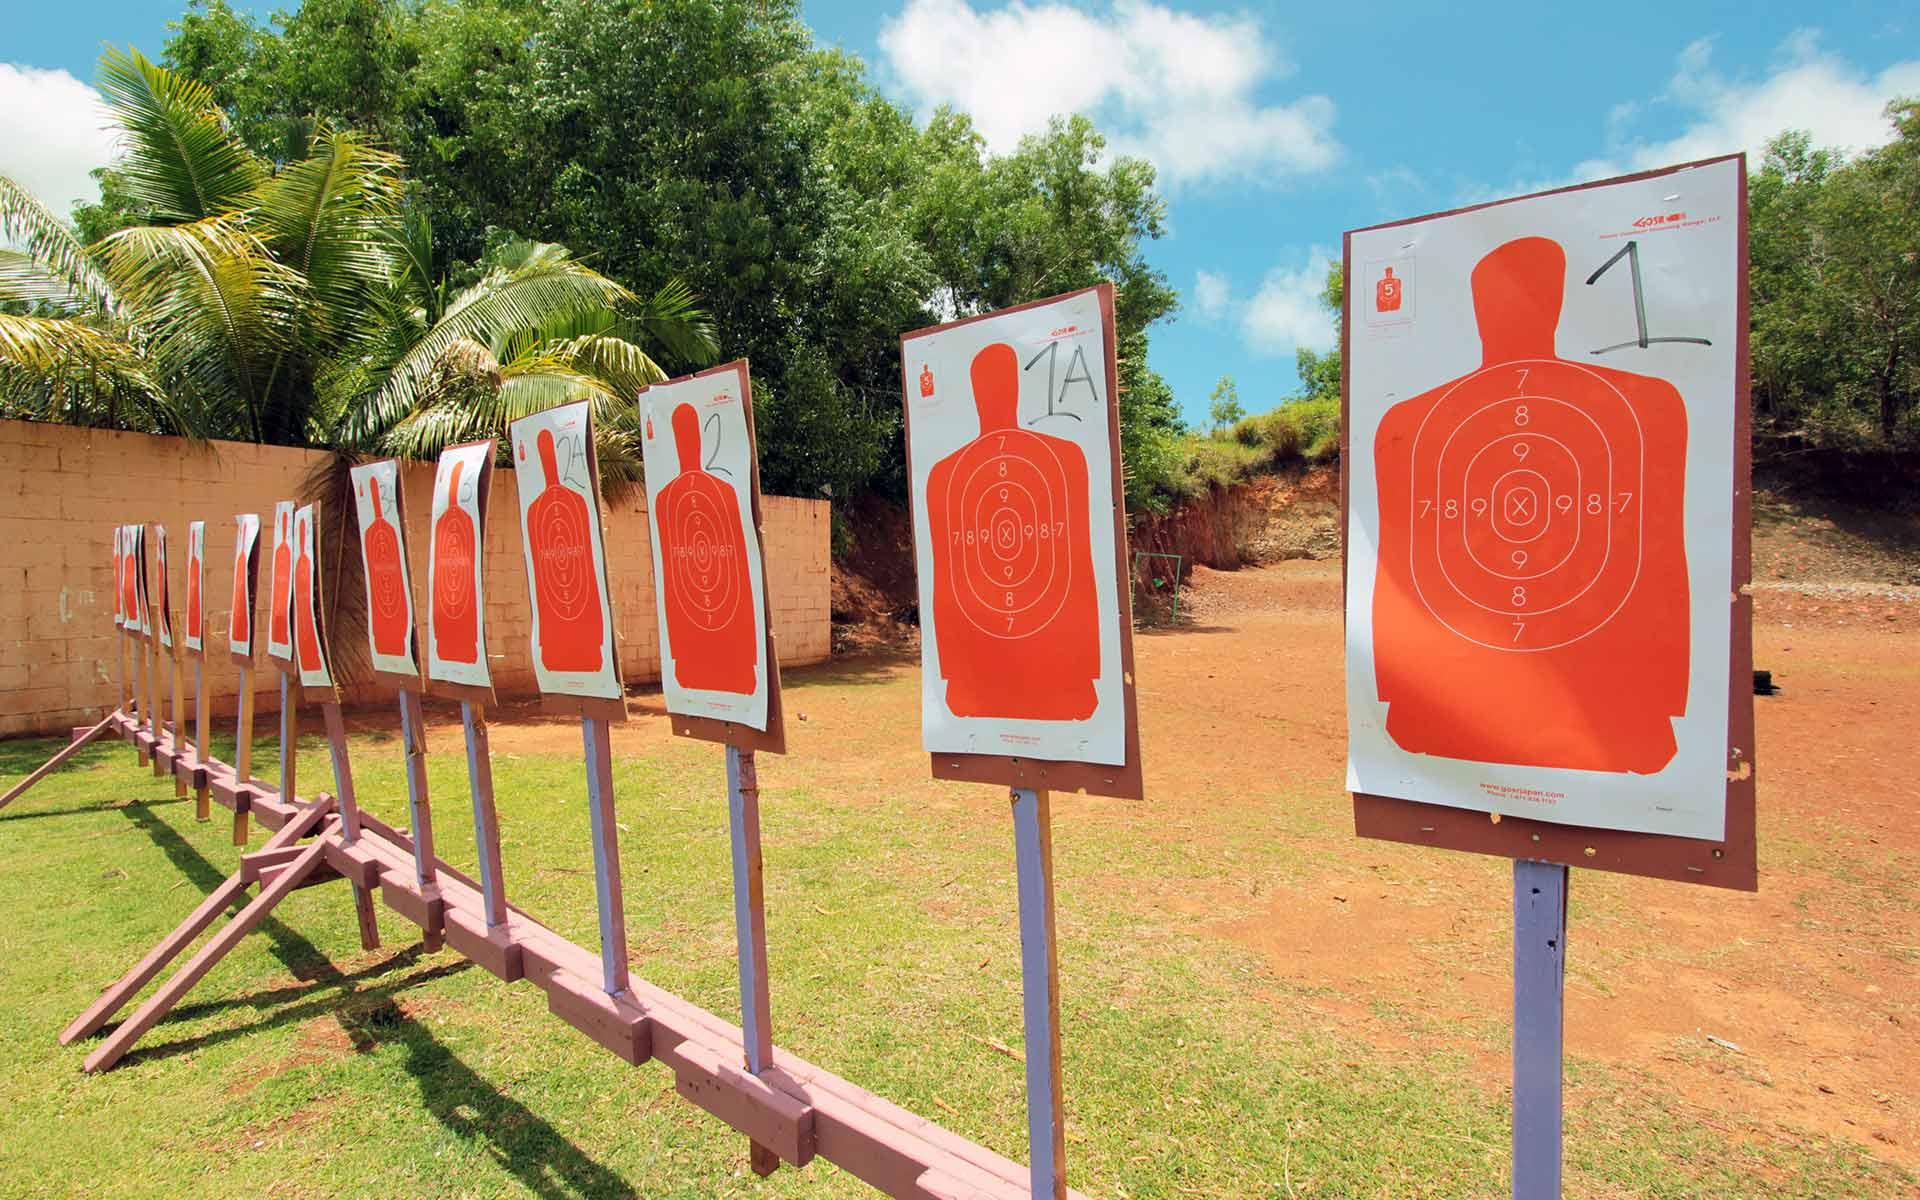 グアムで射撃体験!射撃場や料金・年齢制限は?安全に楽しむ方法!